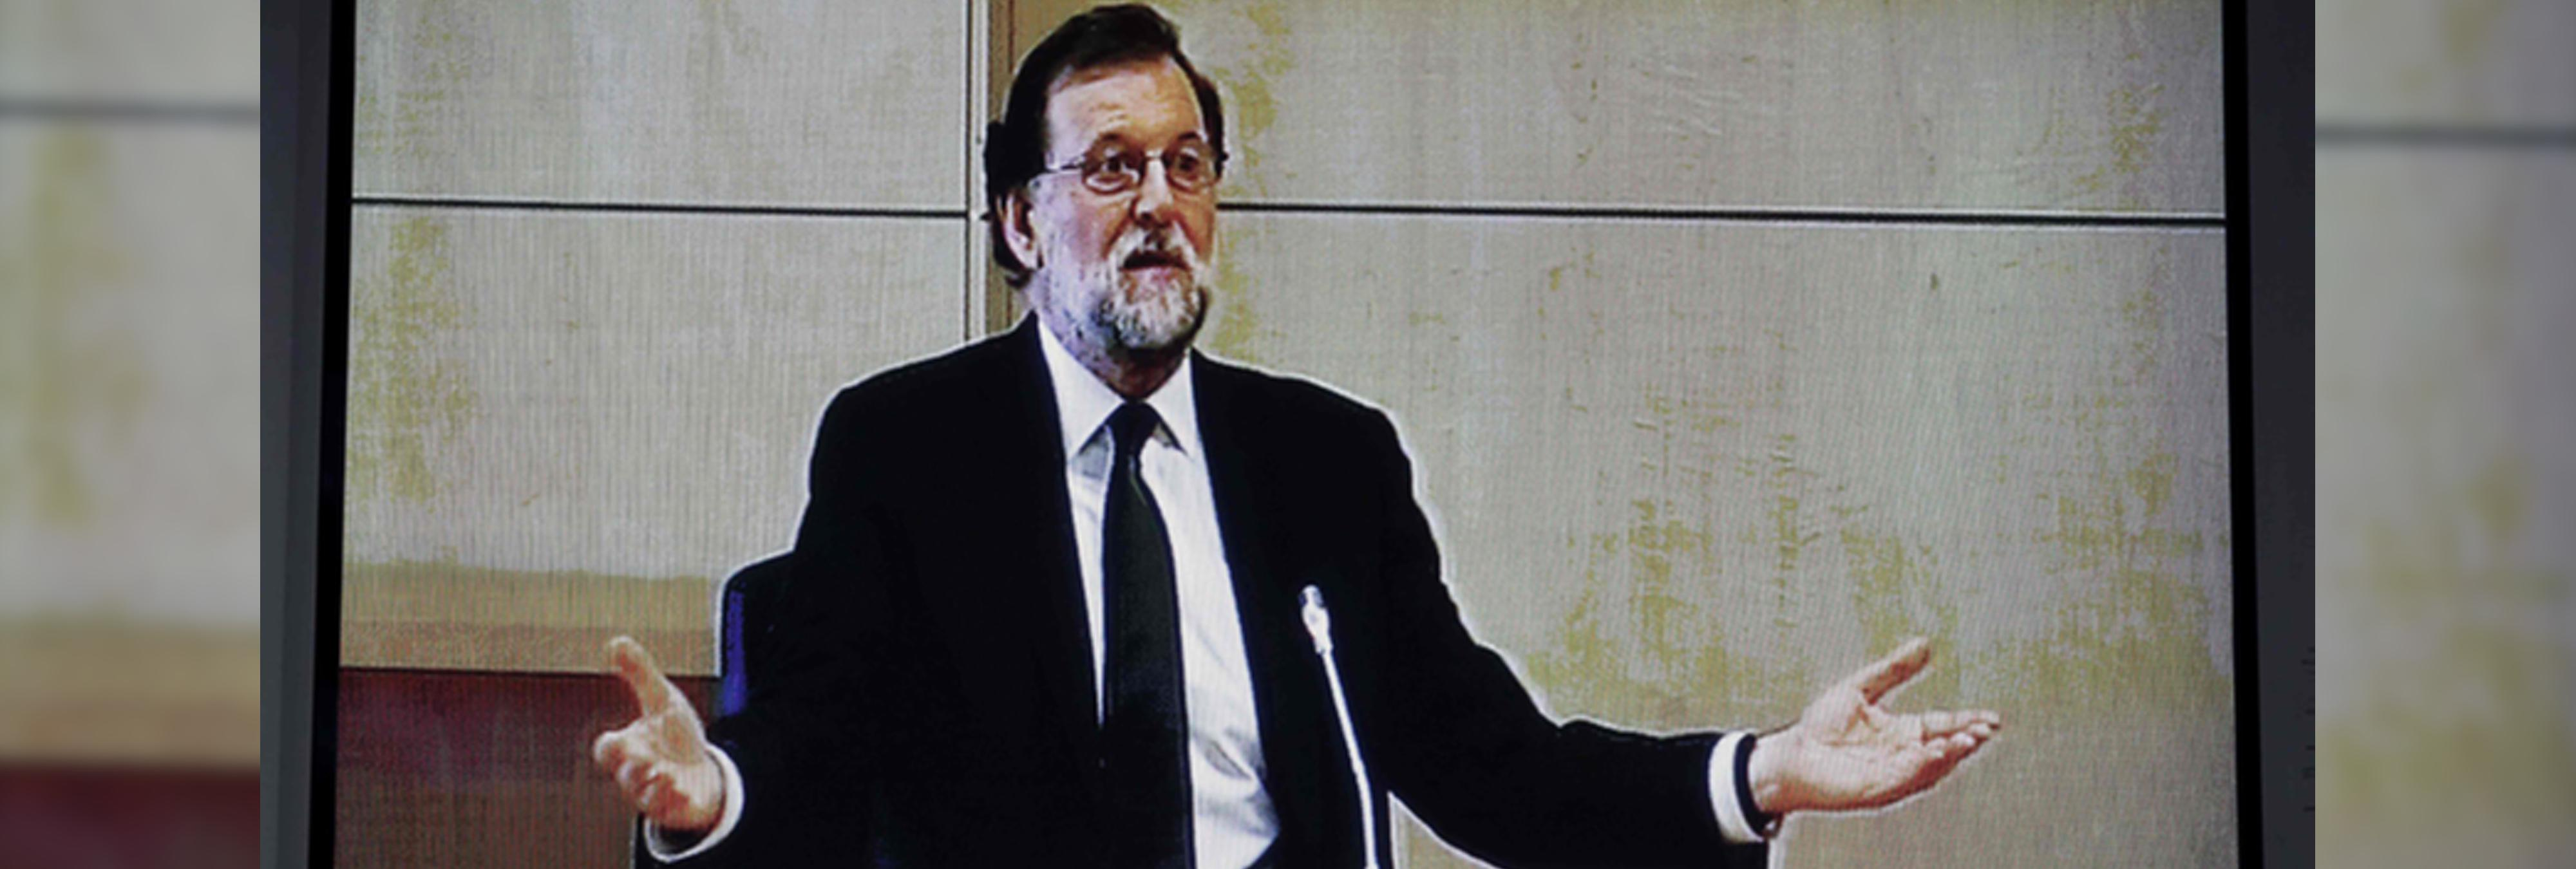 Ya puedes convertirte en Rajoy e insultar a la oposición con sus frases más legendarias